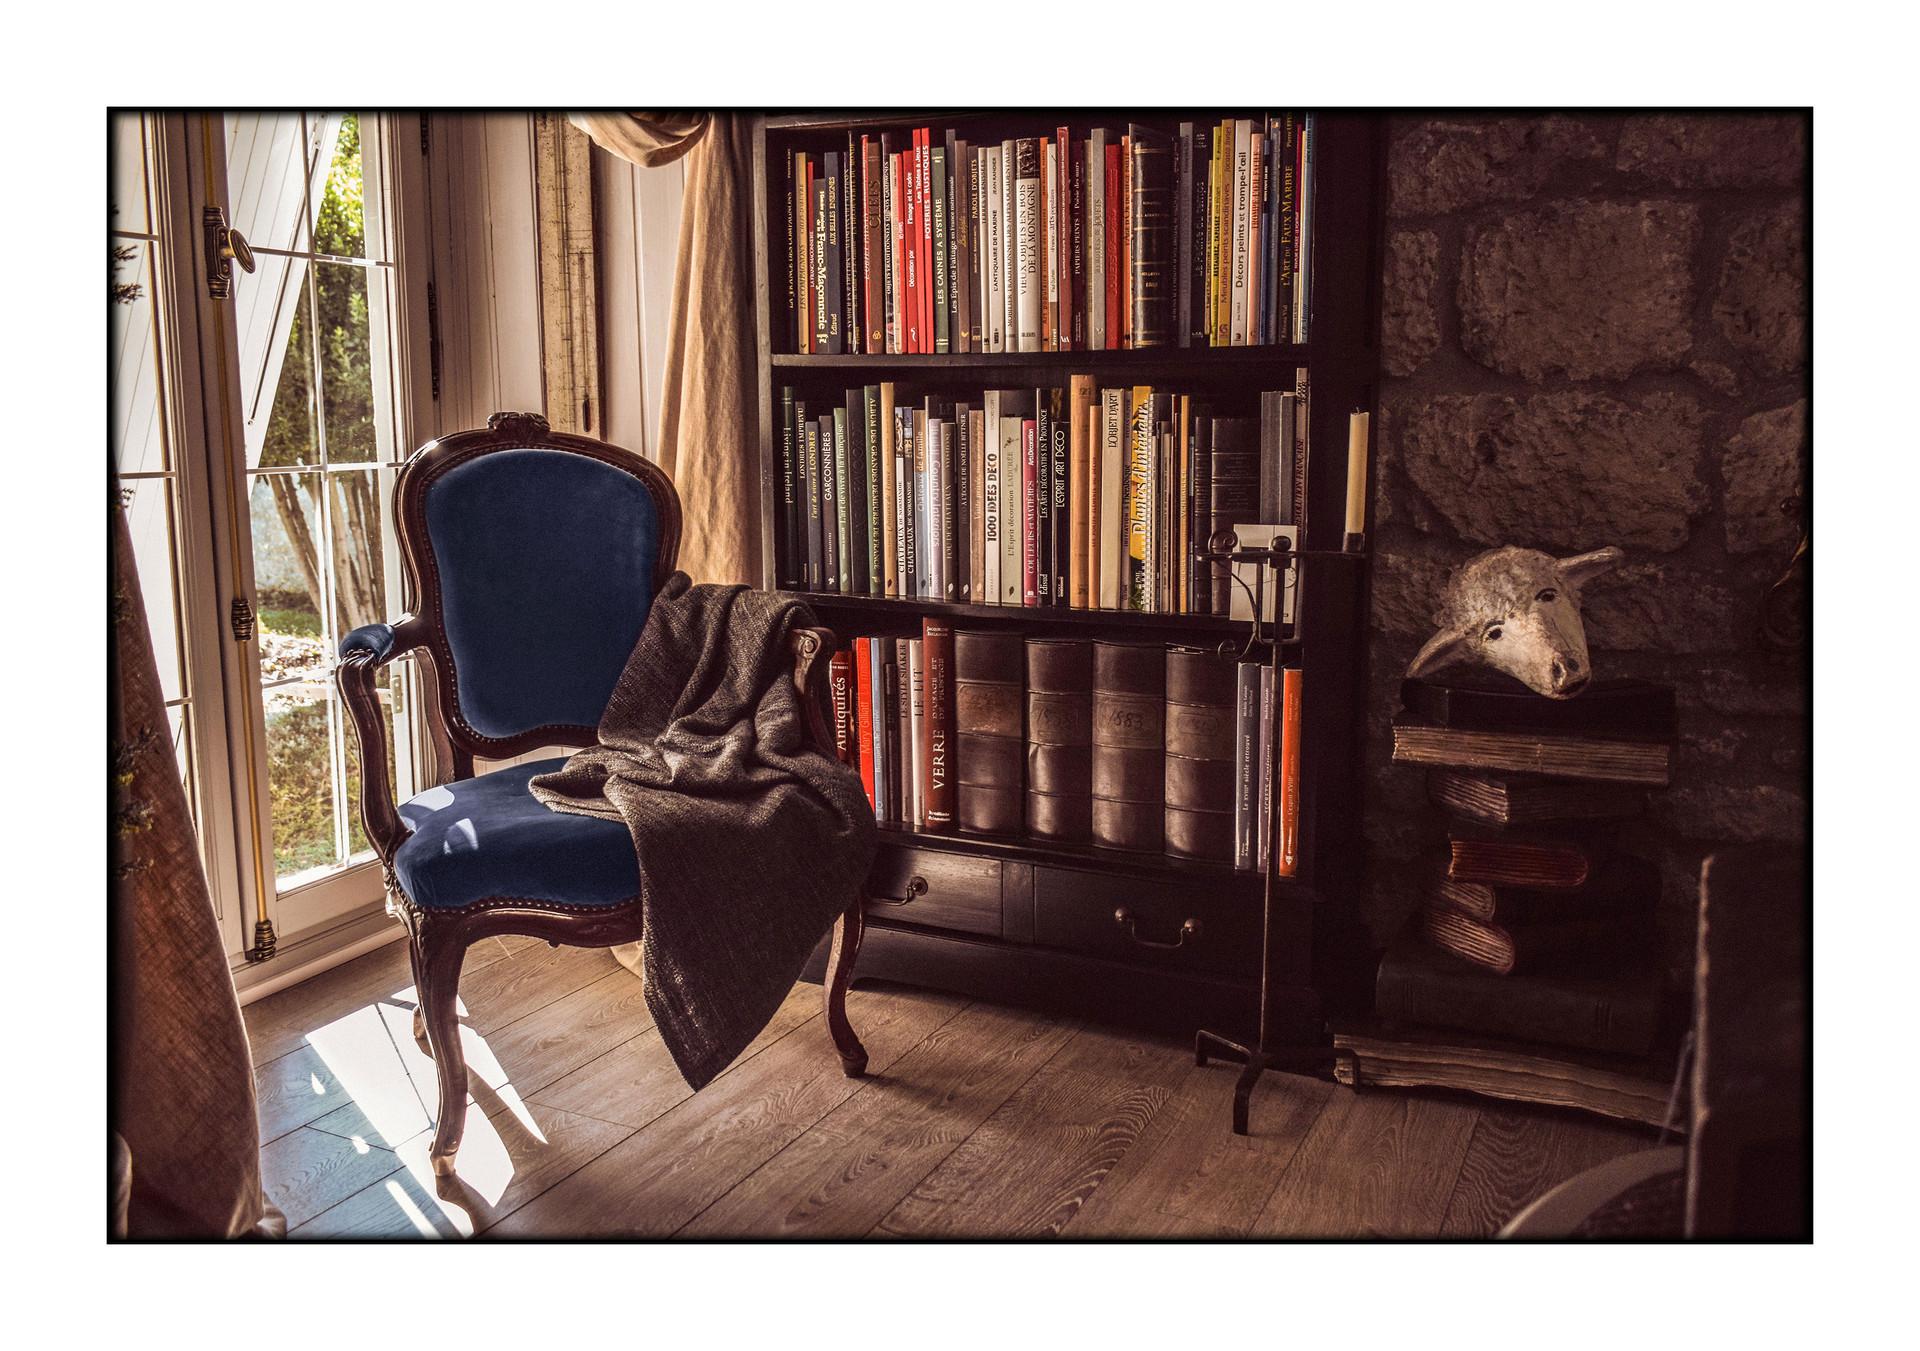 Blue velvet armchair - France, 2018